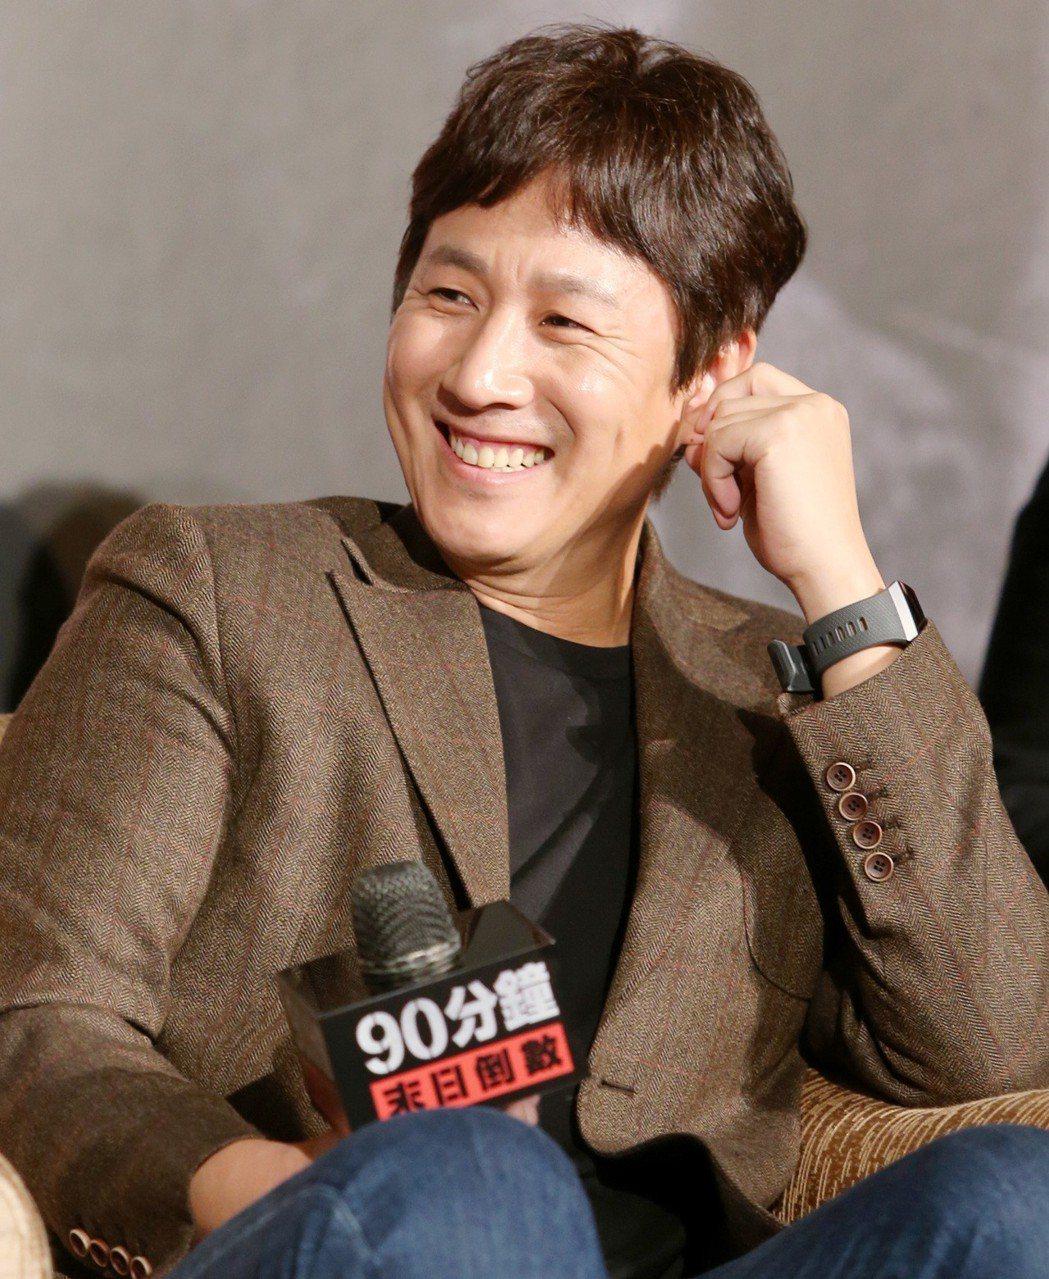 韓星李善均出席「90分鐘末日倒數」新戲宣傳記者會。記者侯永全/攝影